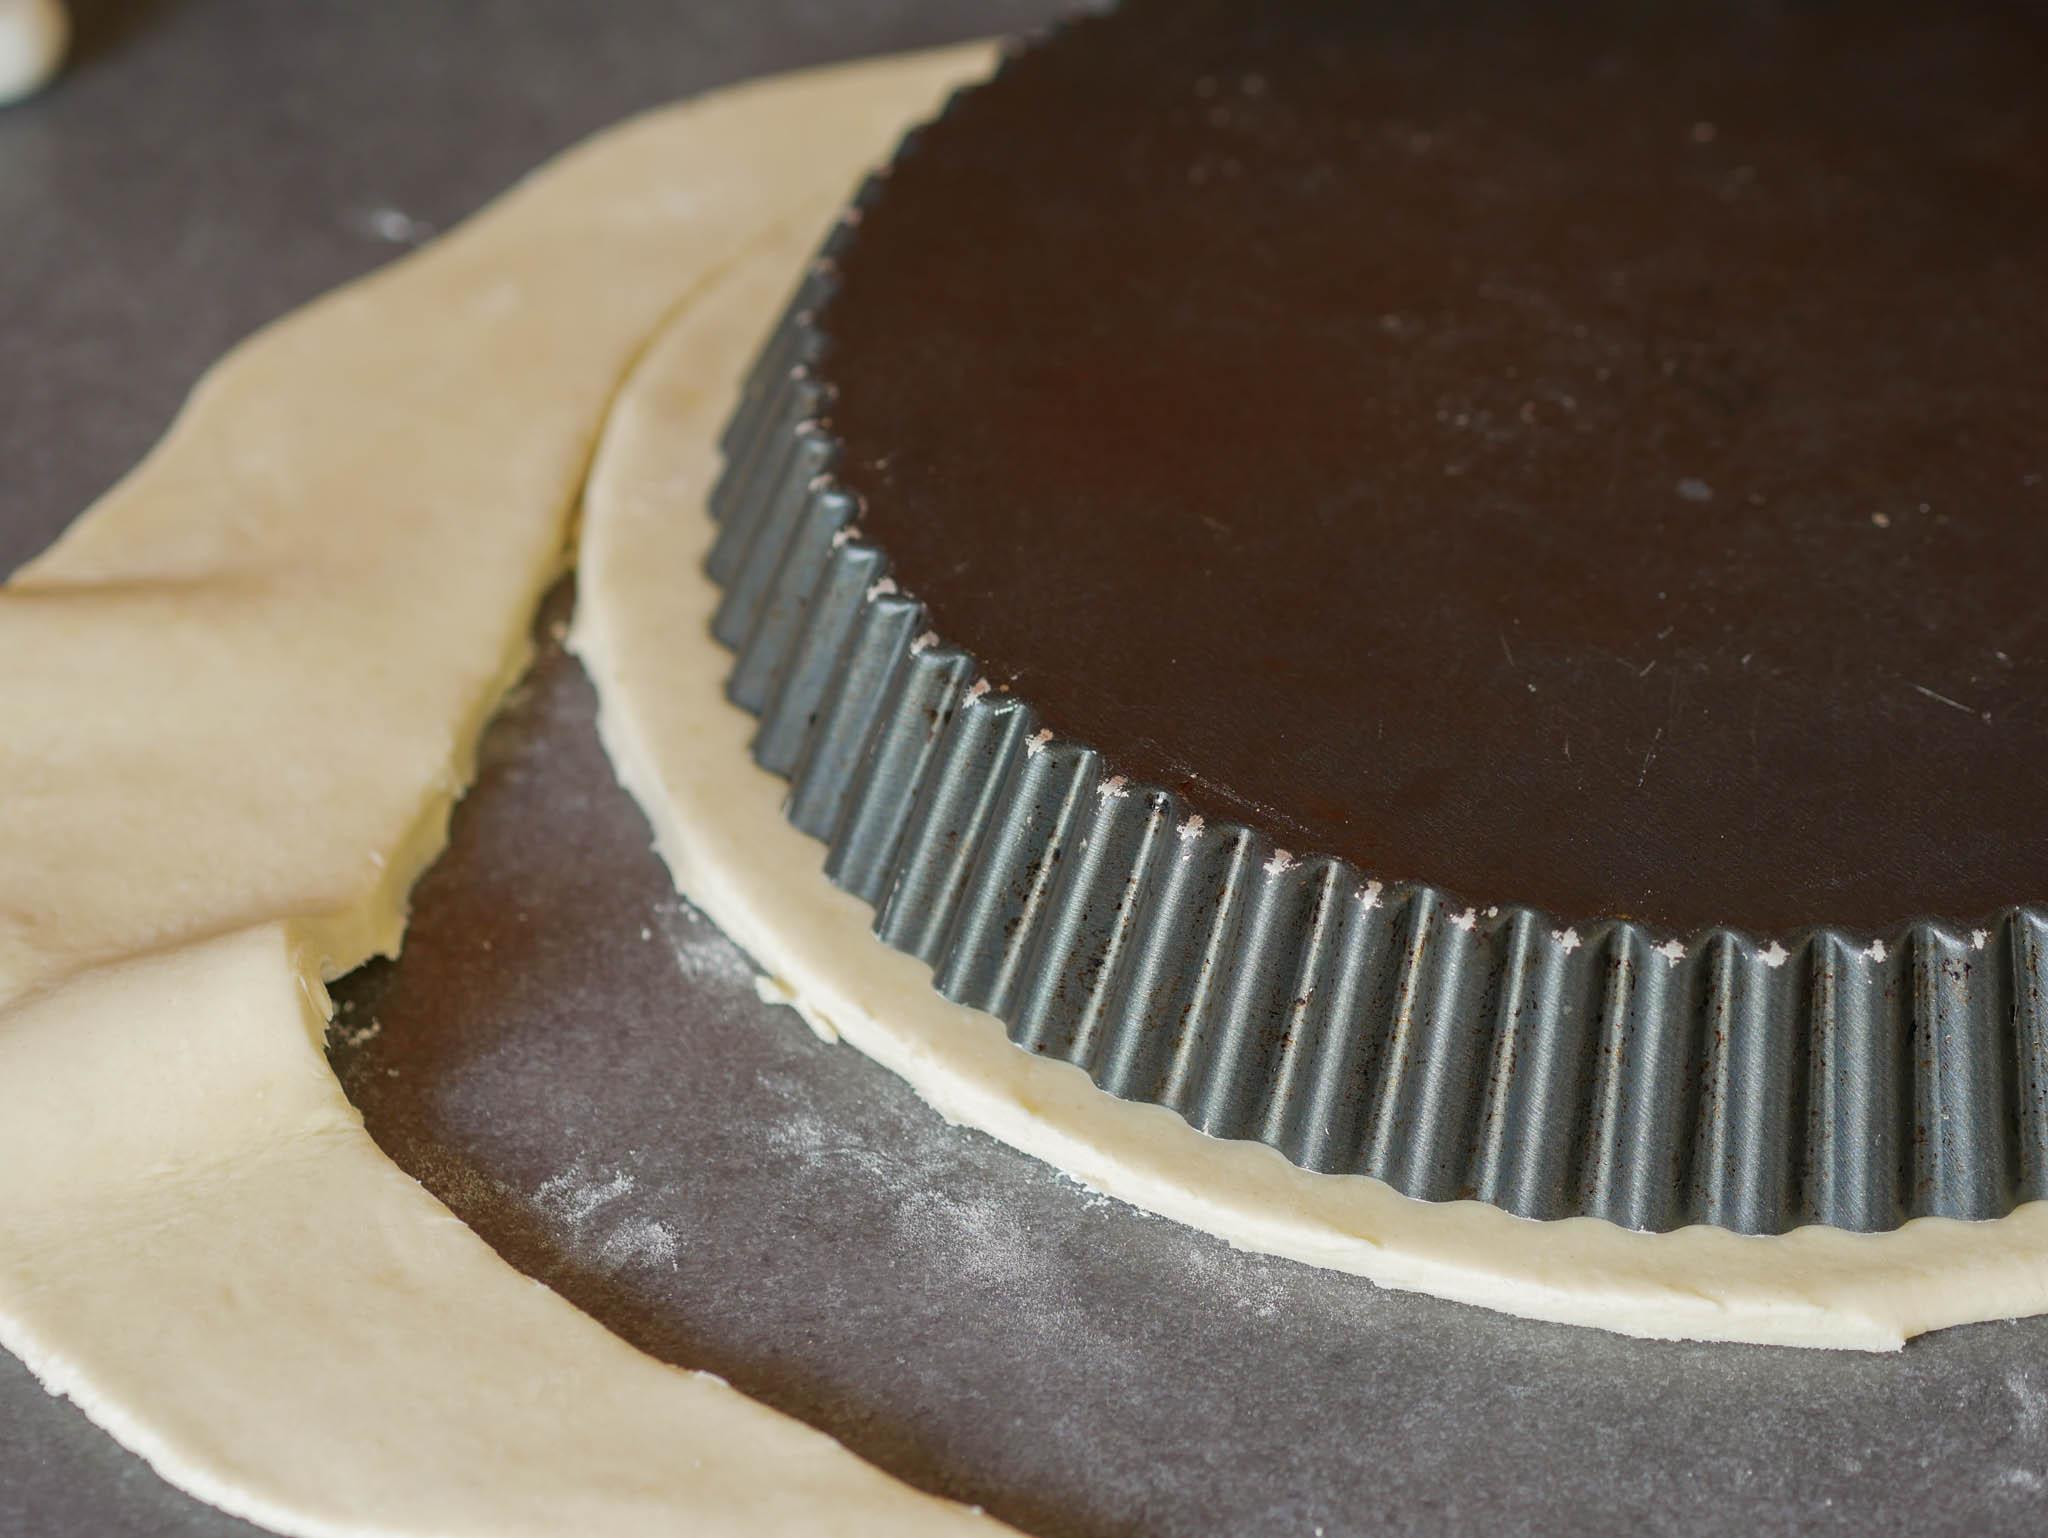 Découpez la pâte un peu plus large que la taille de votre moule